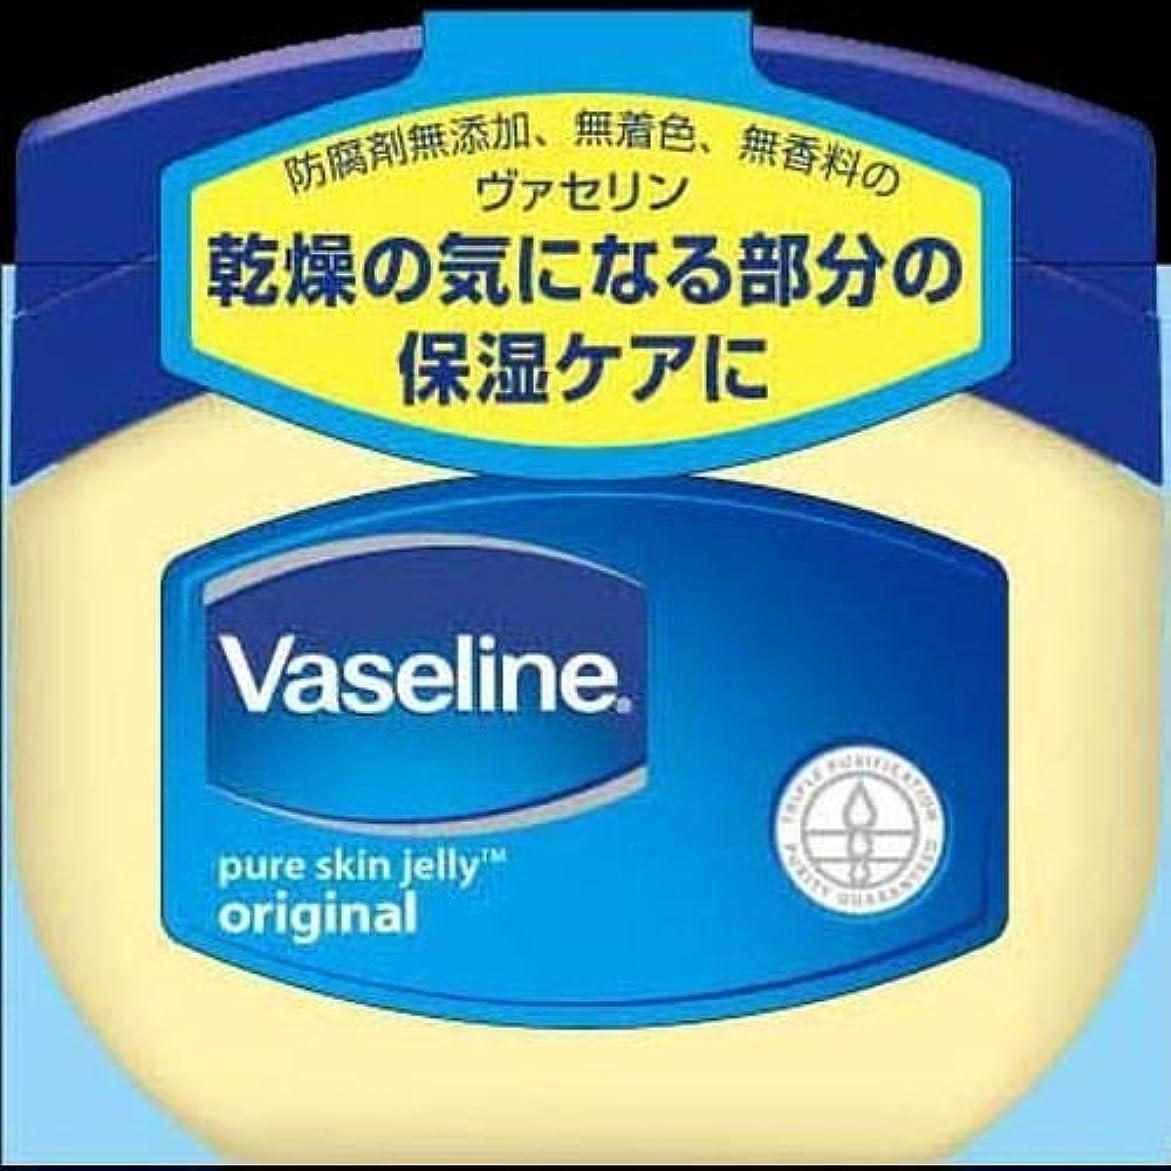 ご飯照らすアルファベット順【まとめ買い】ヴァセリン オリジナルピュアスキンジェリー 80g ×2セット